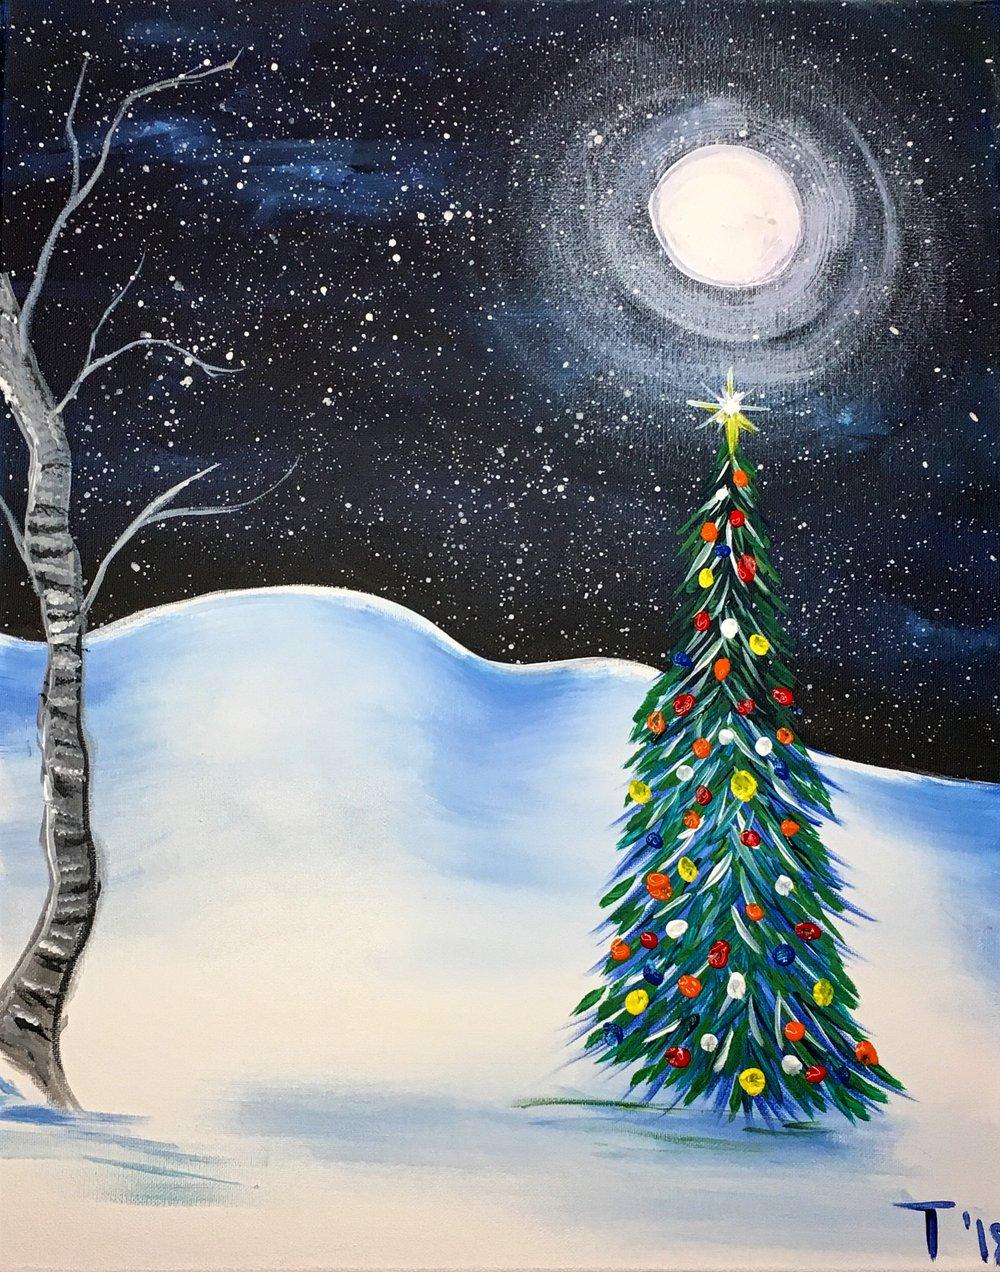 Xmas Tree & Moon